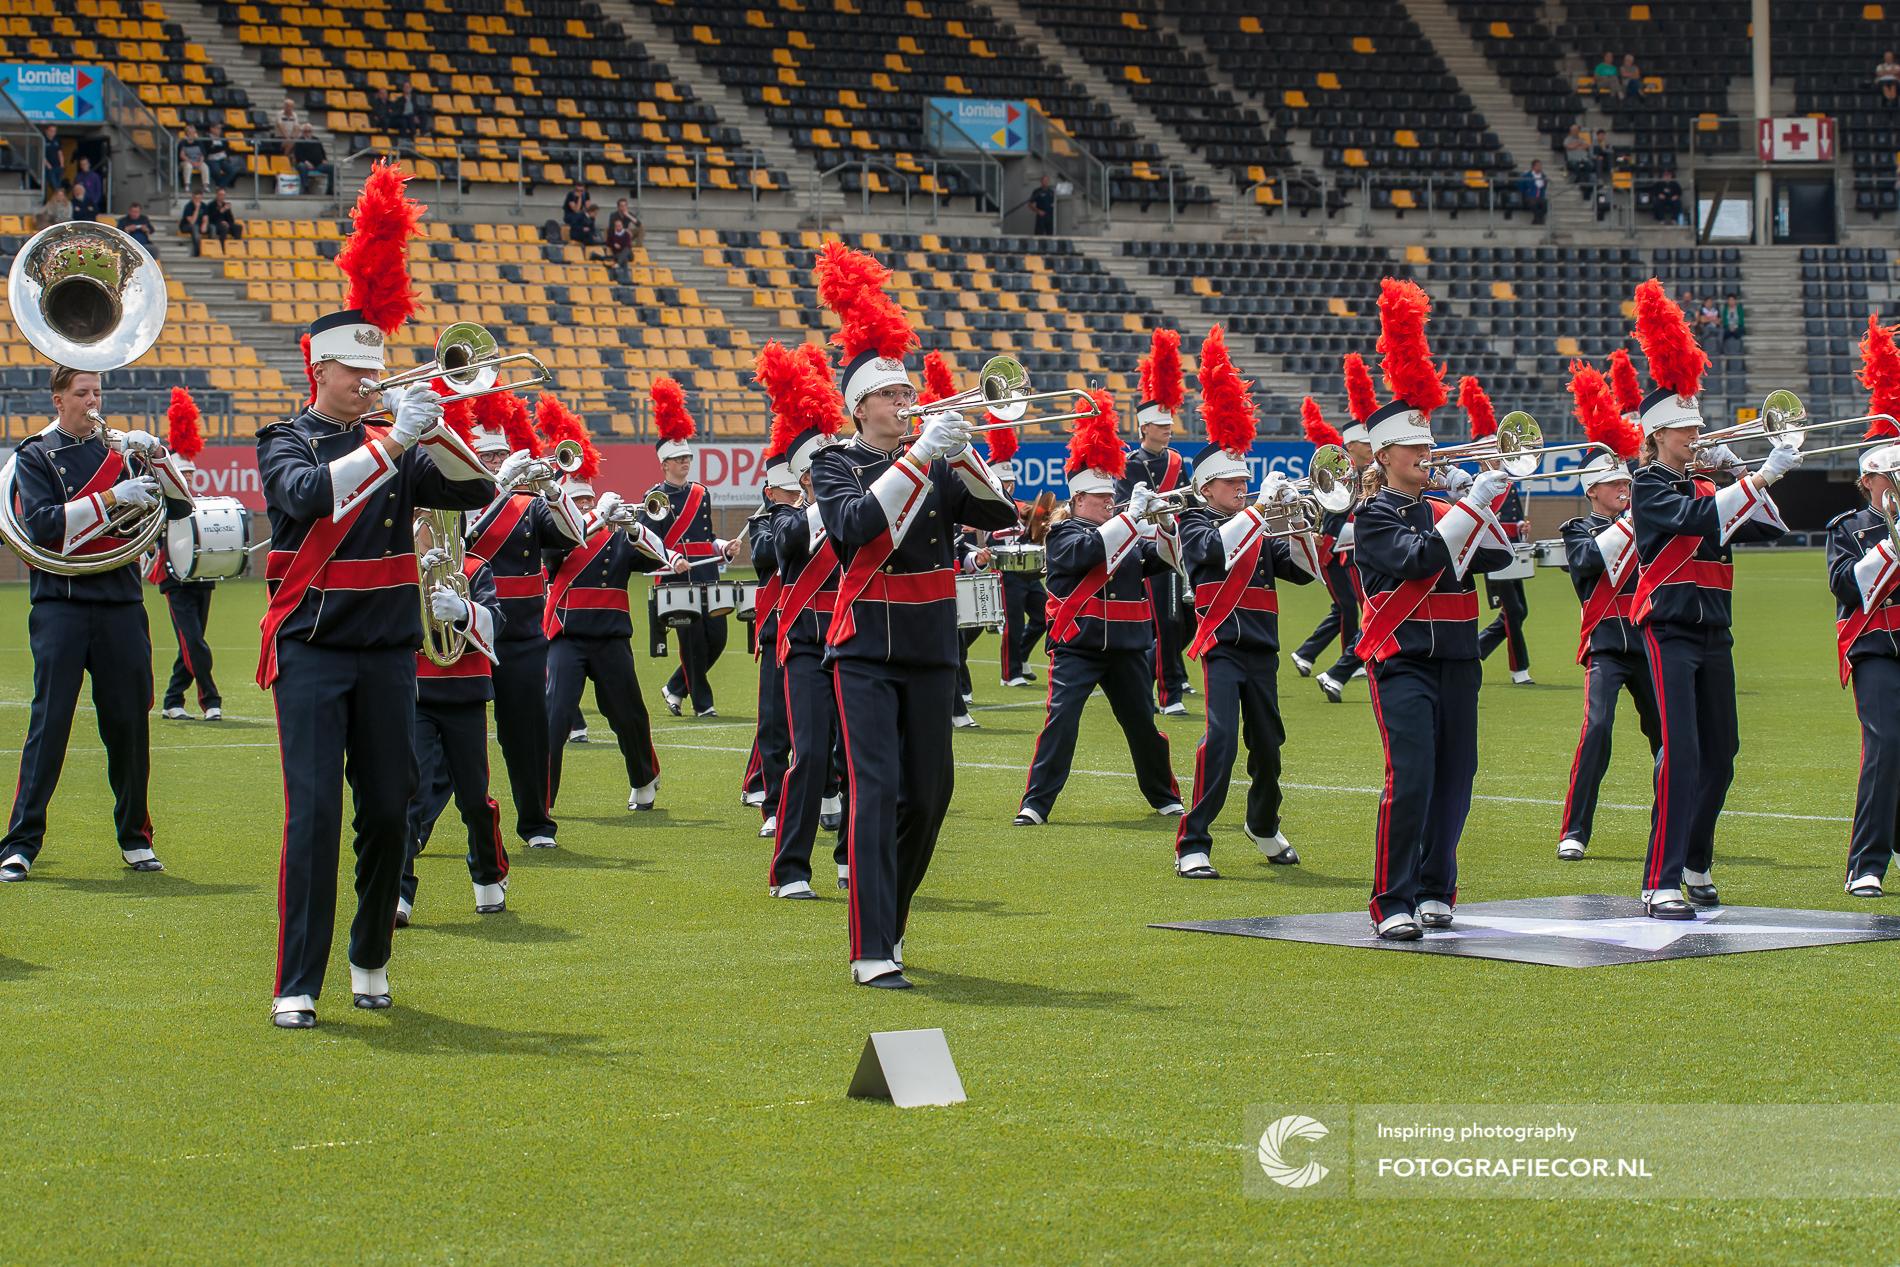 WMC | Kerkrade | zilver | KTK | Kampen | concours | wereld | muziek | event | fotograaf